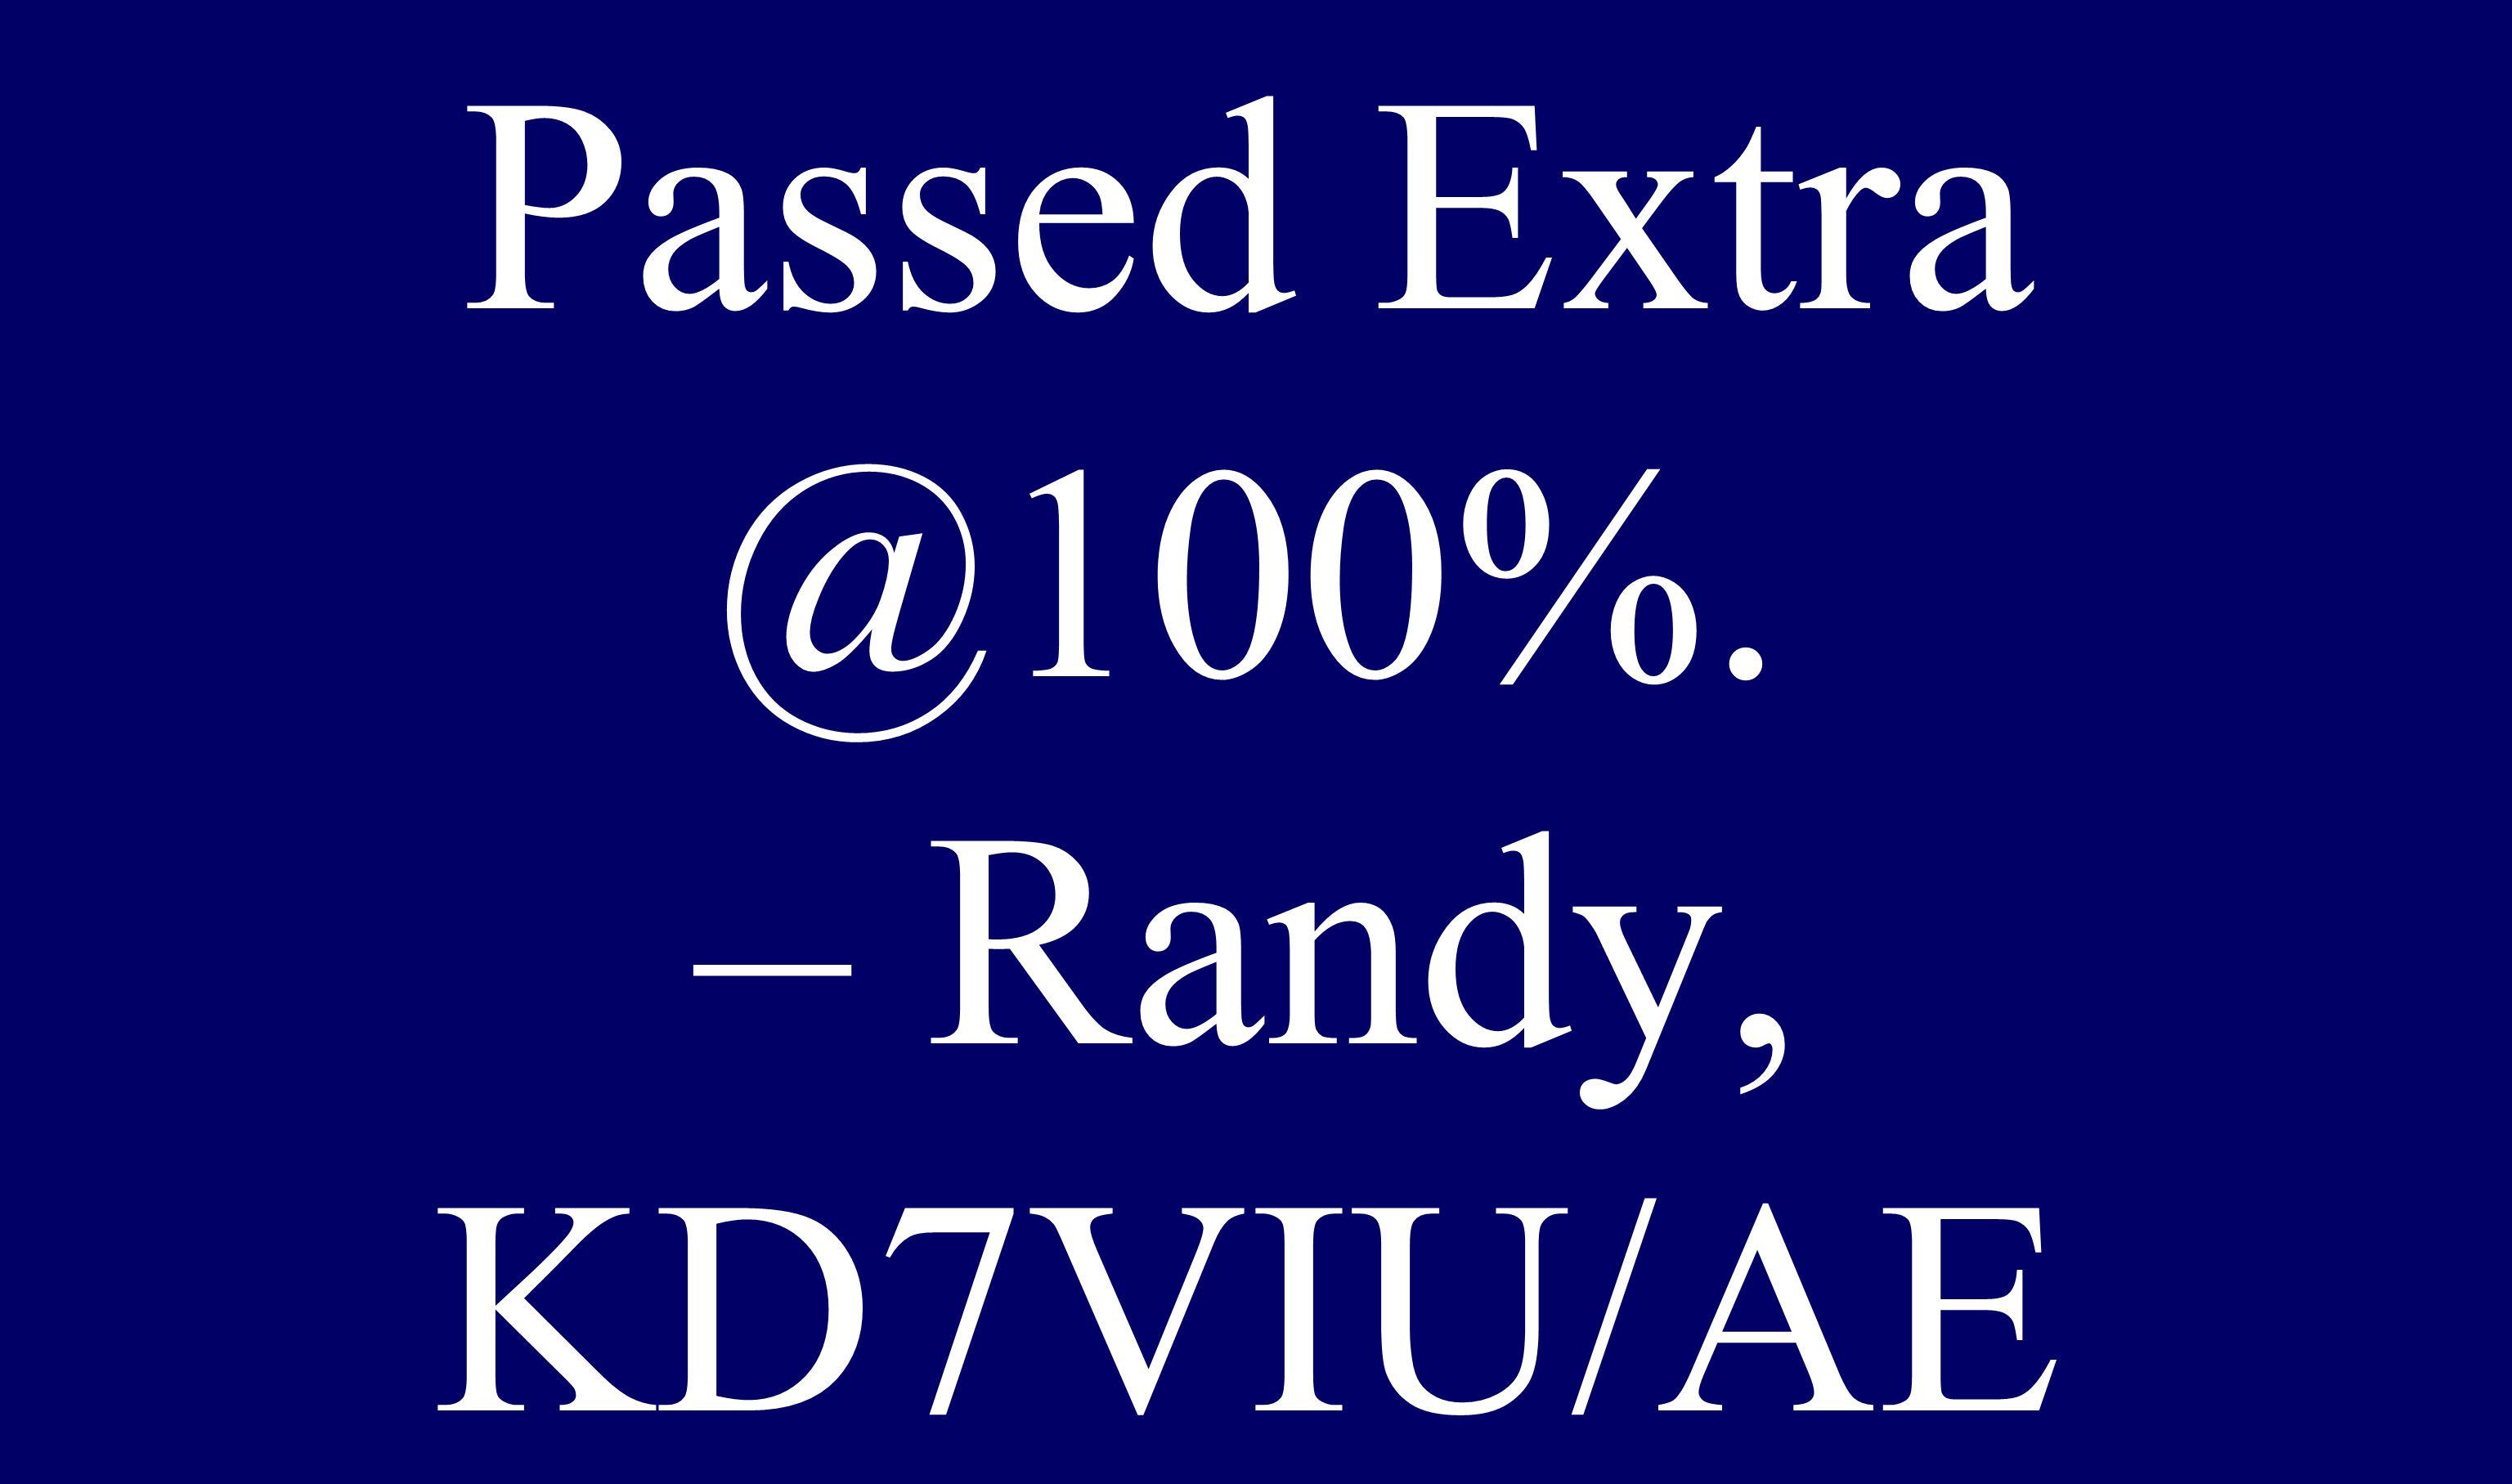 Passed Extra @100%. – Randy, KD7VIU/AE